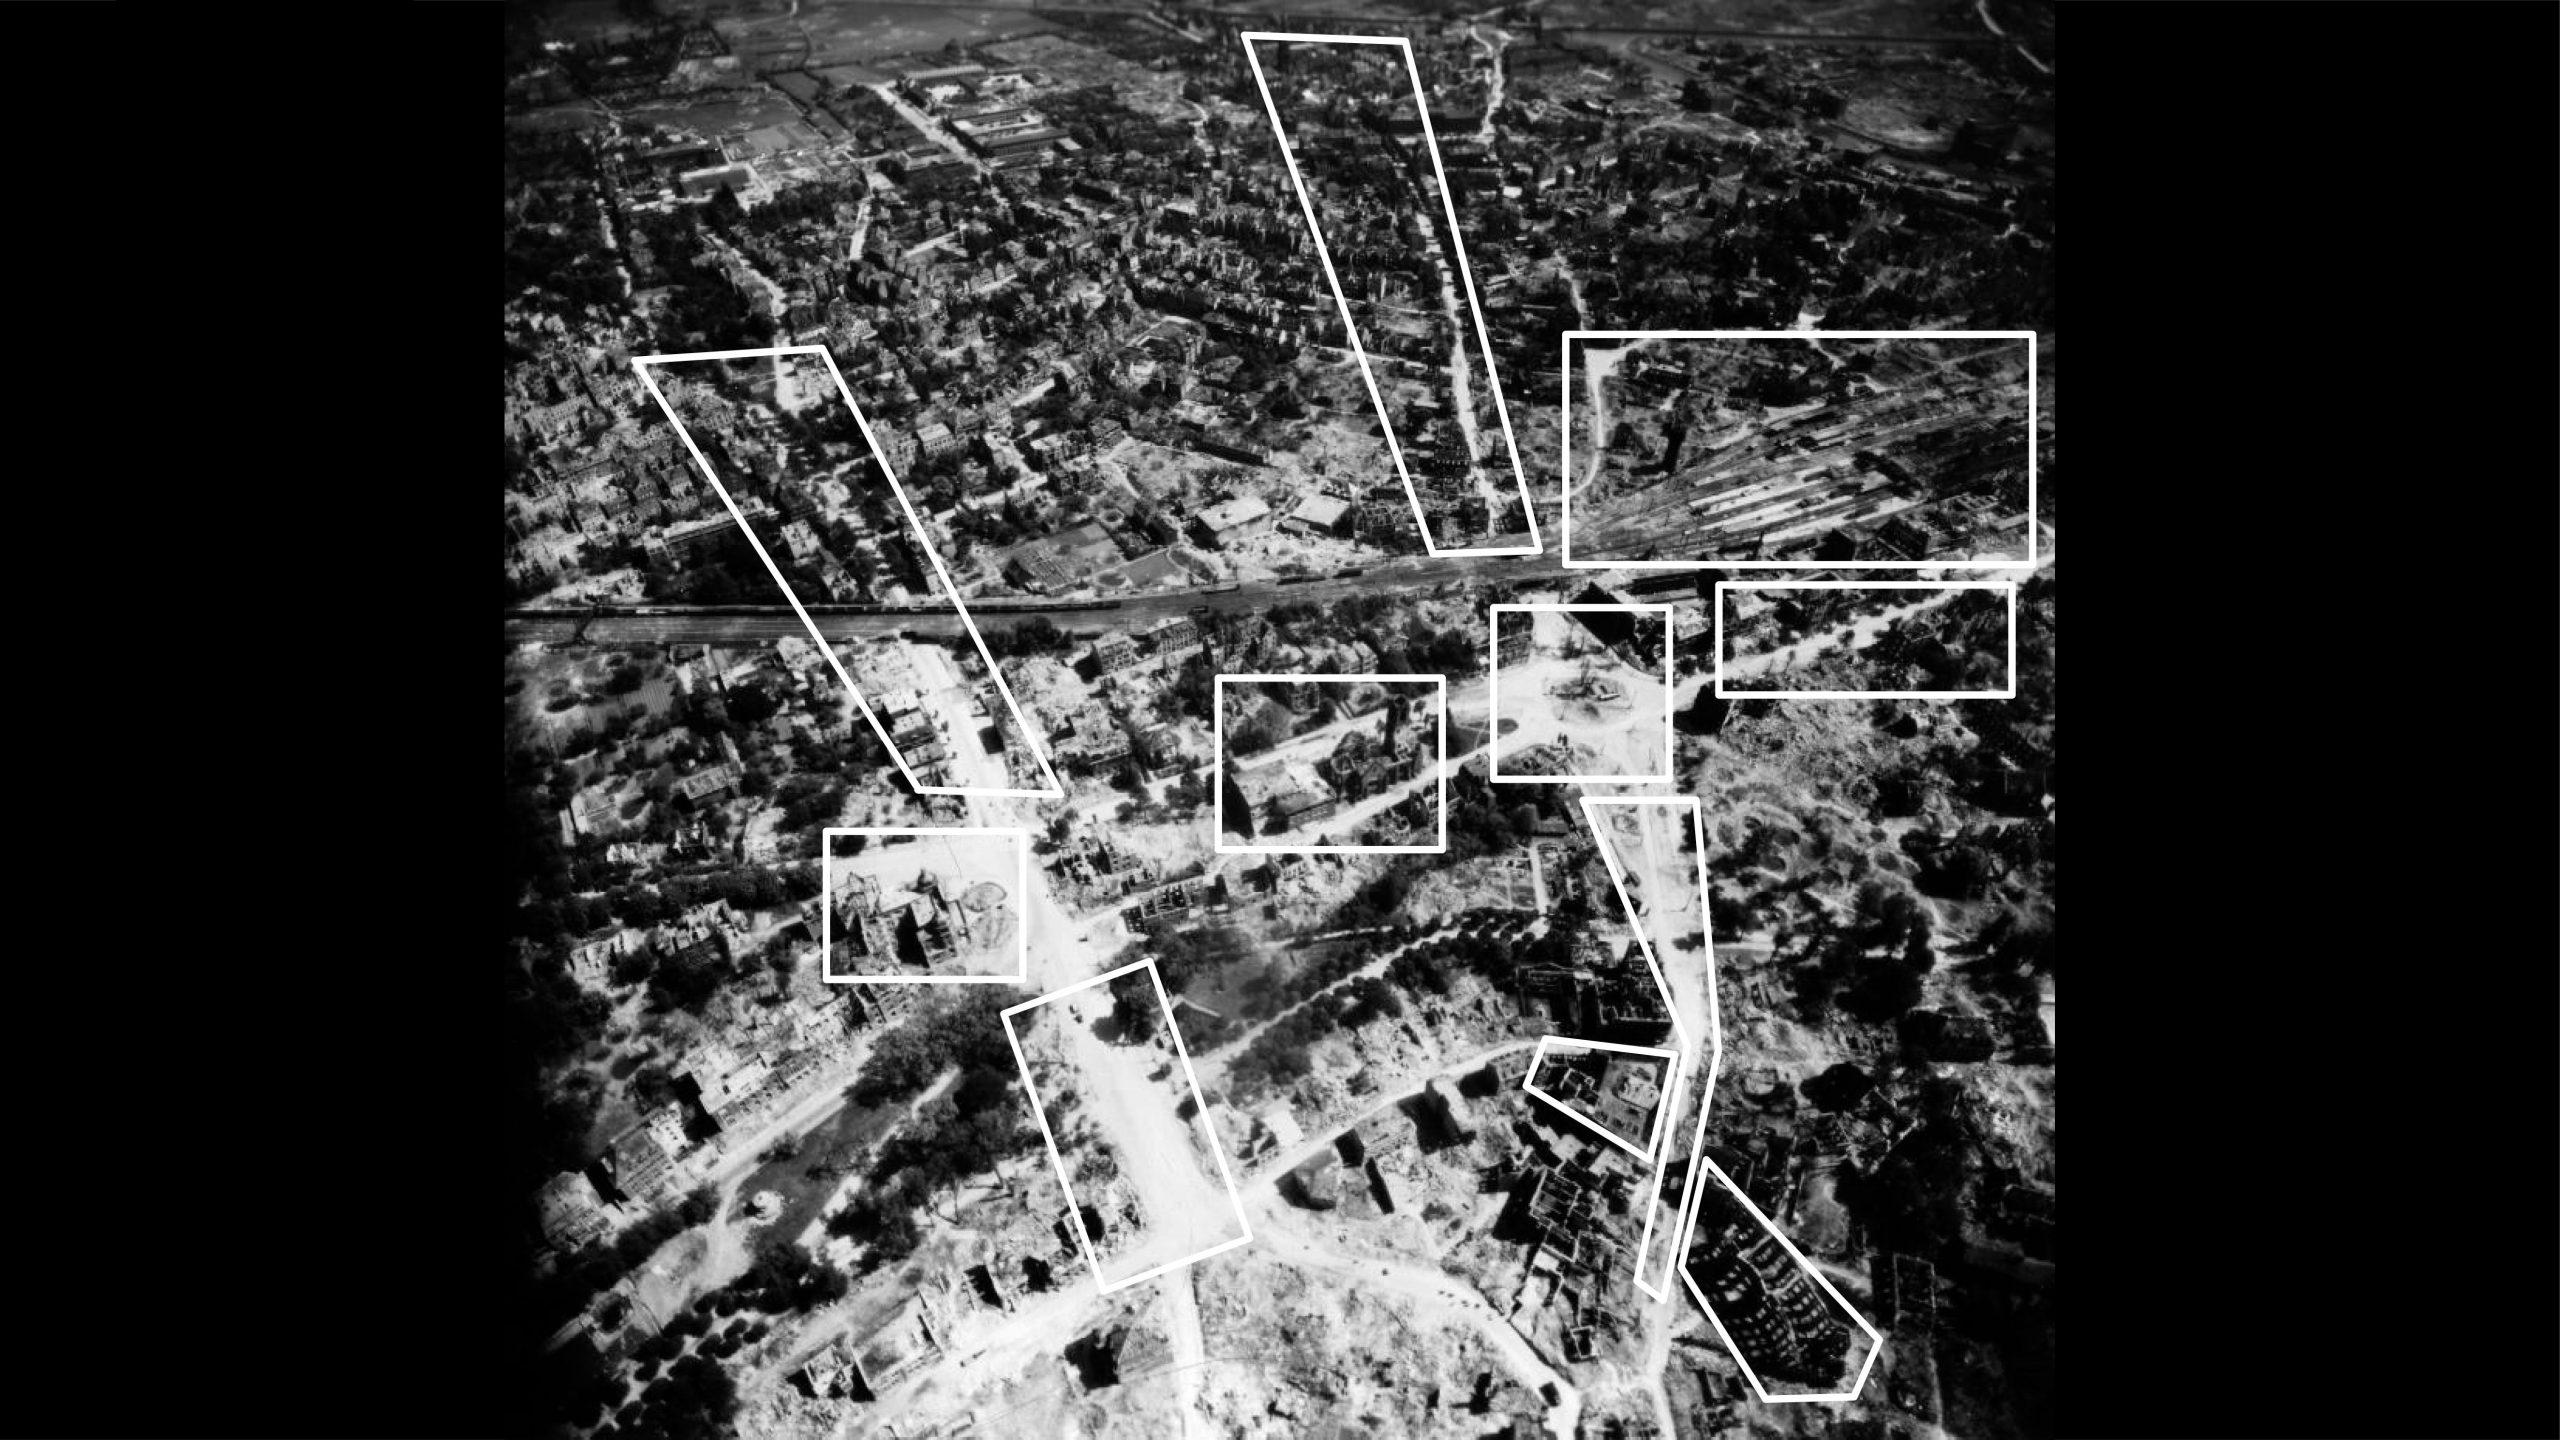 Stadtmuseum Münster: Ausstellung Münster 1945 - Das östliche Stadtzentrum in Richtung Osten - Foto: Stadtmuseum Münster / Trolley Mission